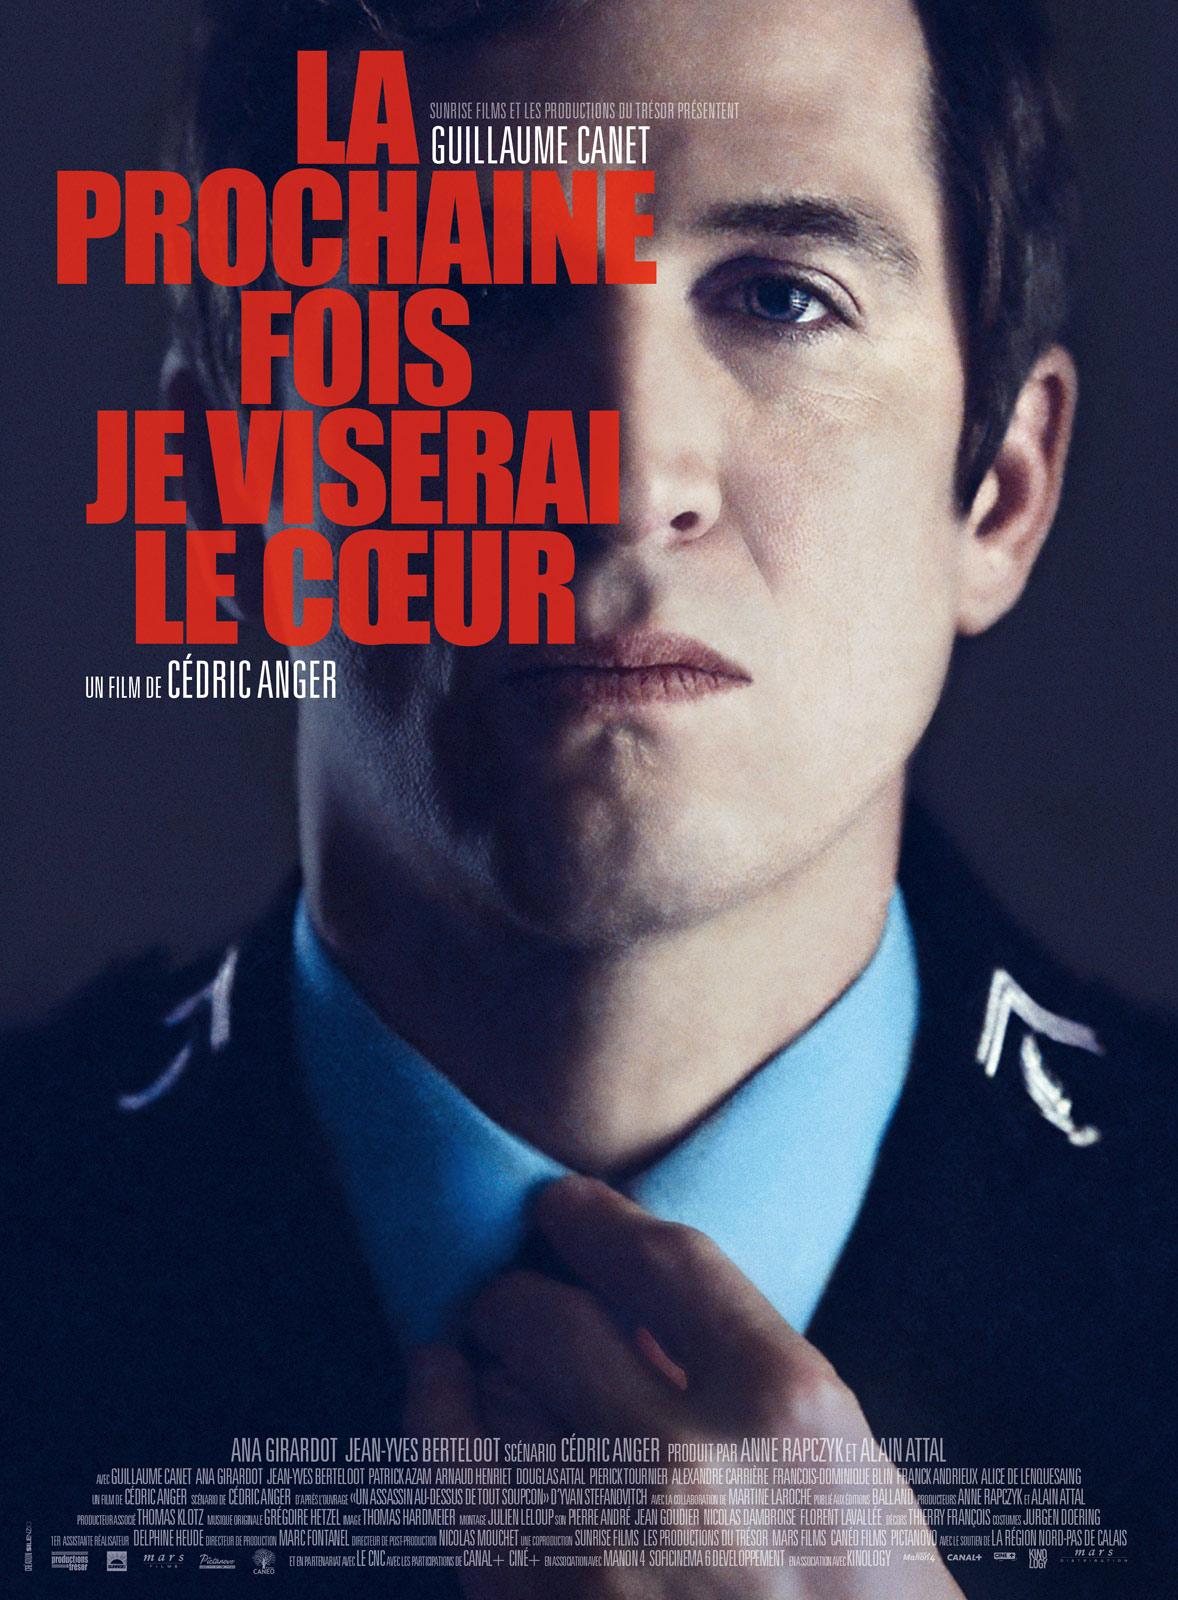 La prochaine fois je viserai le coeur Cédric Anger Guillaume Canet DVD